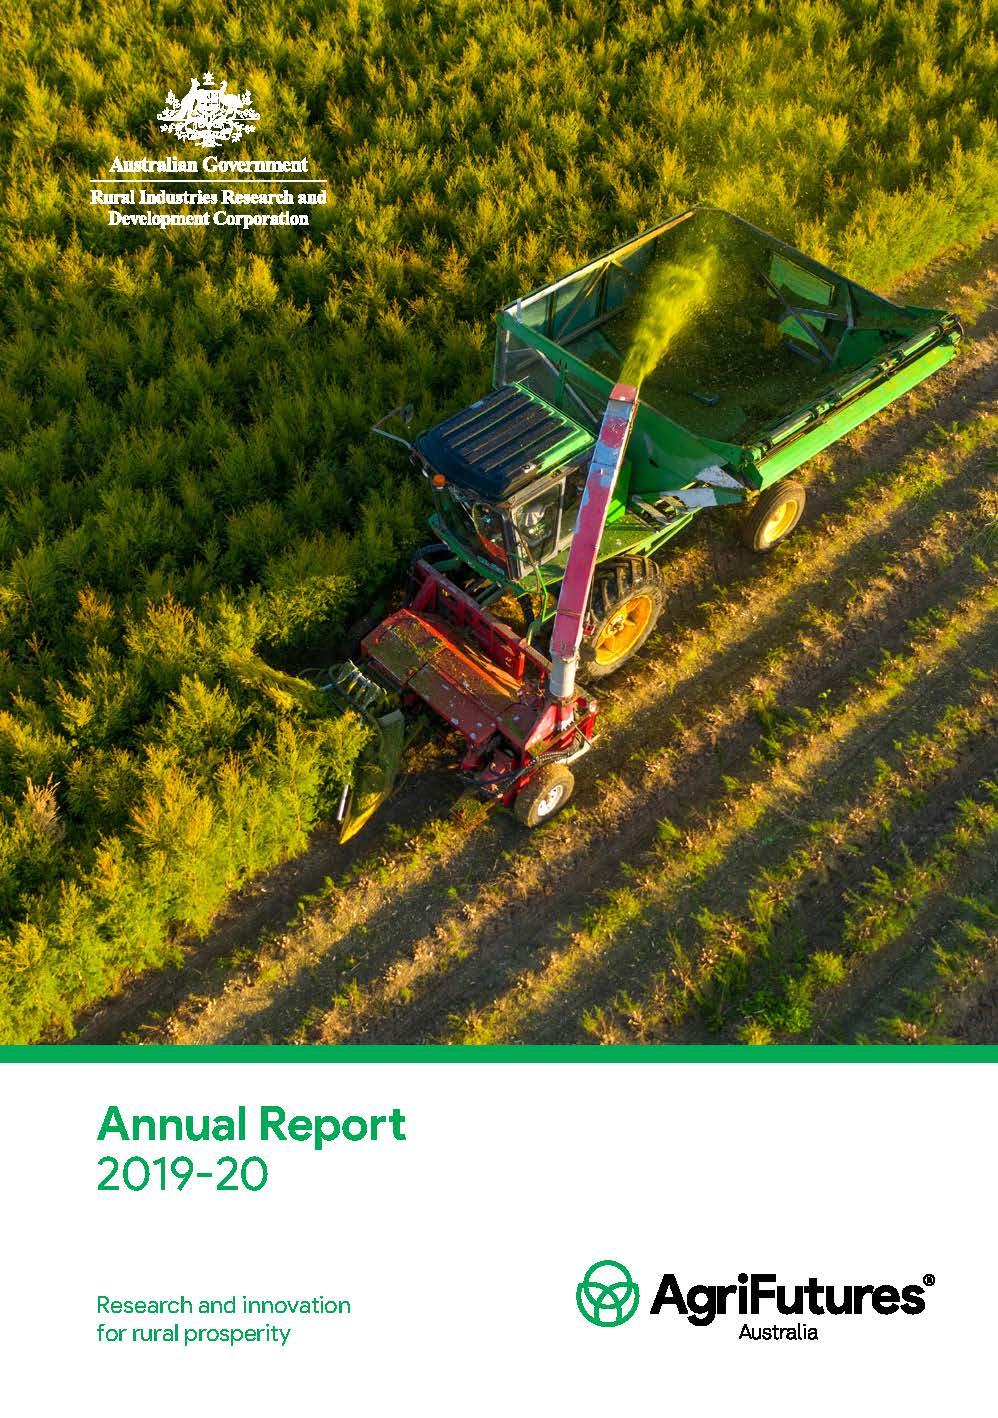 AgriFutures Australia Annual Report 2019-2020 - image